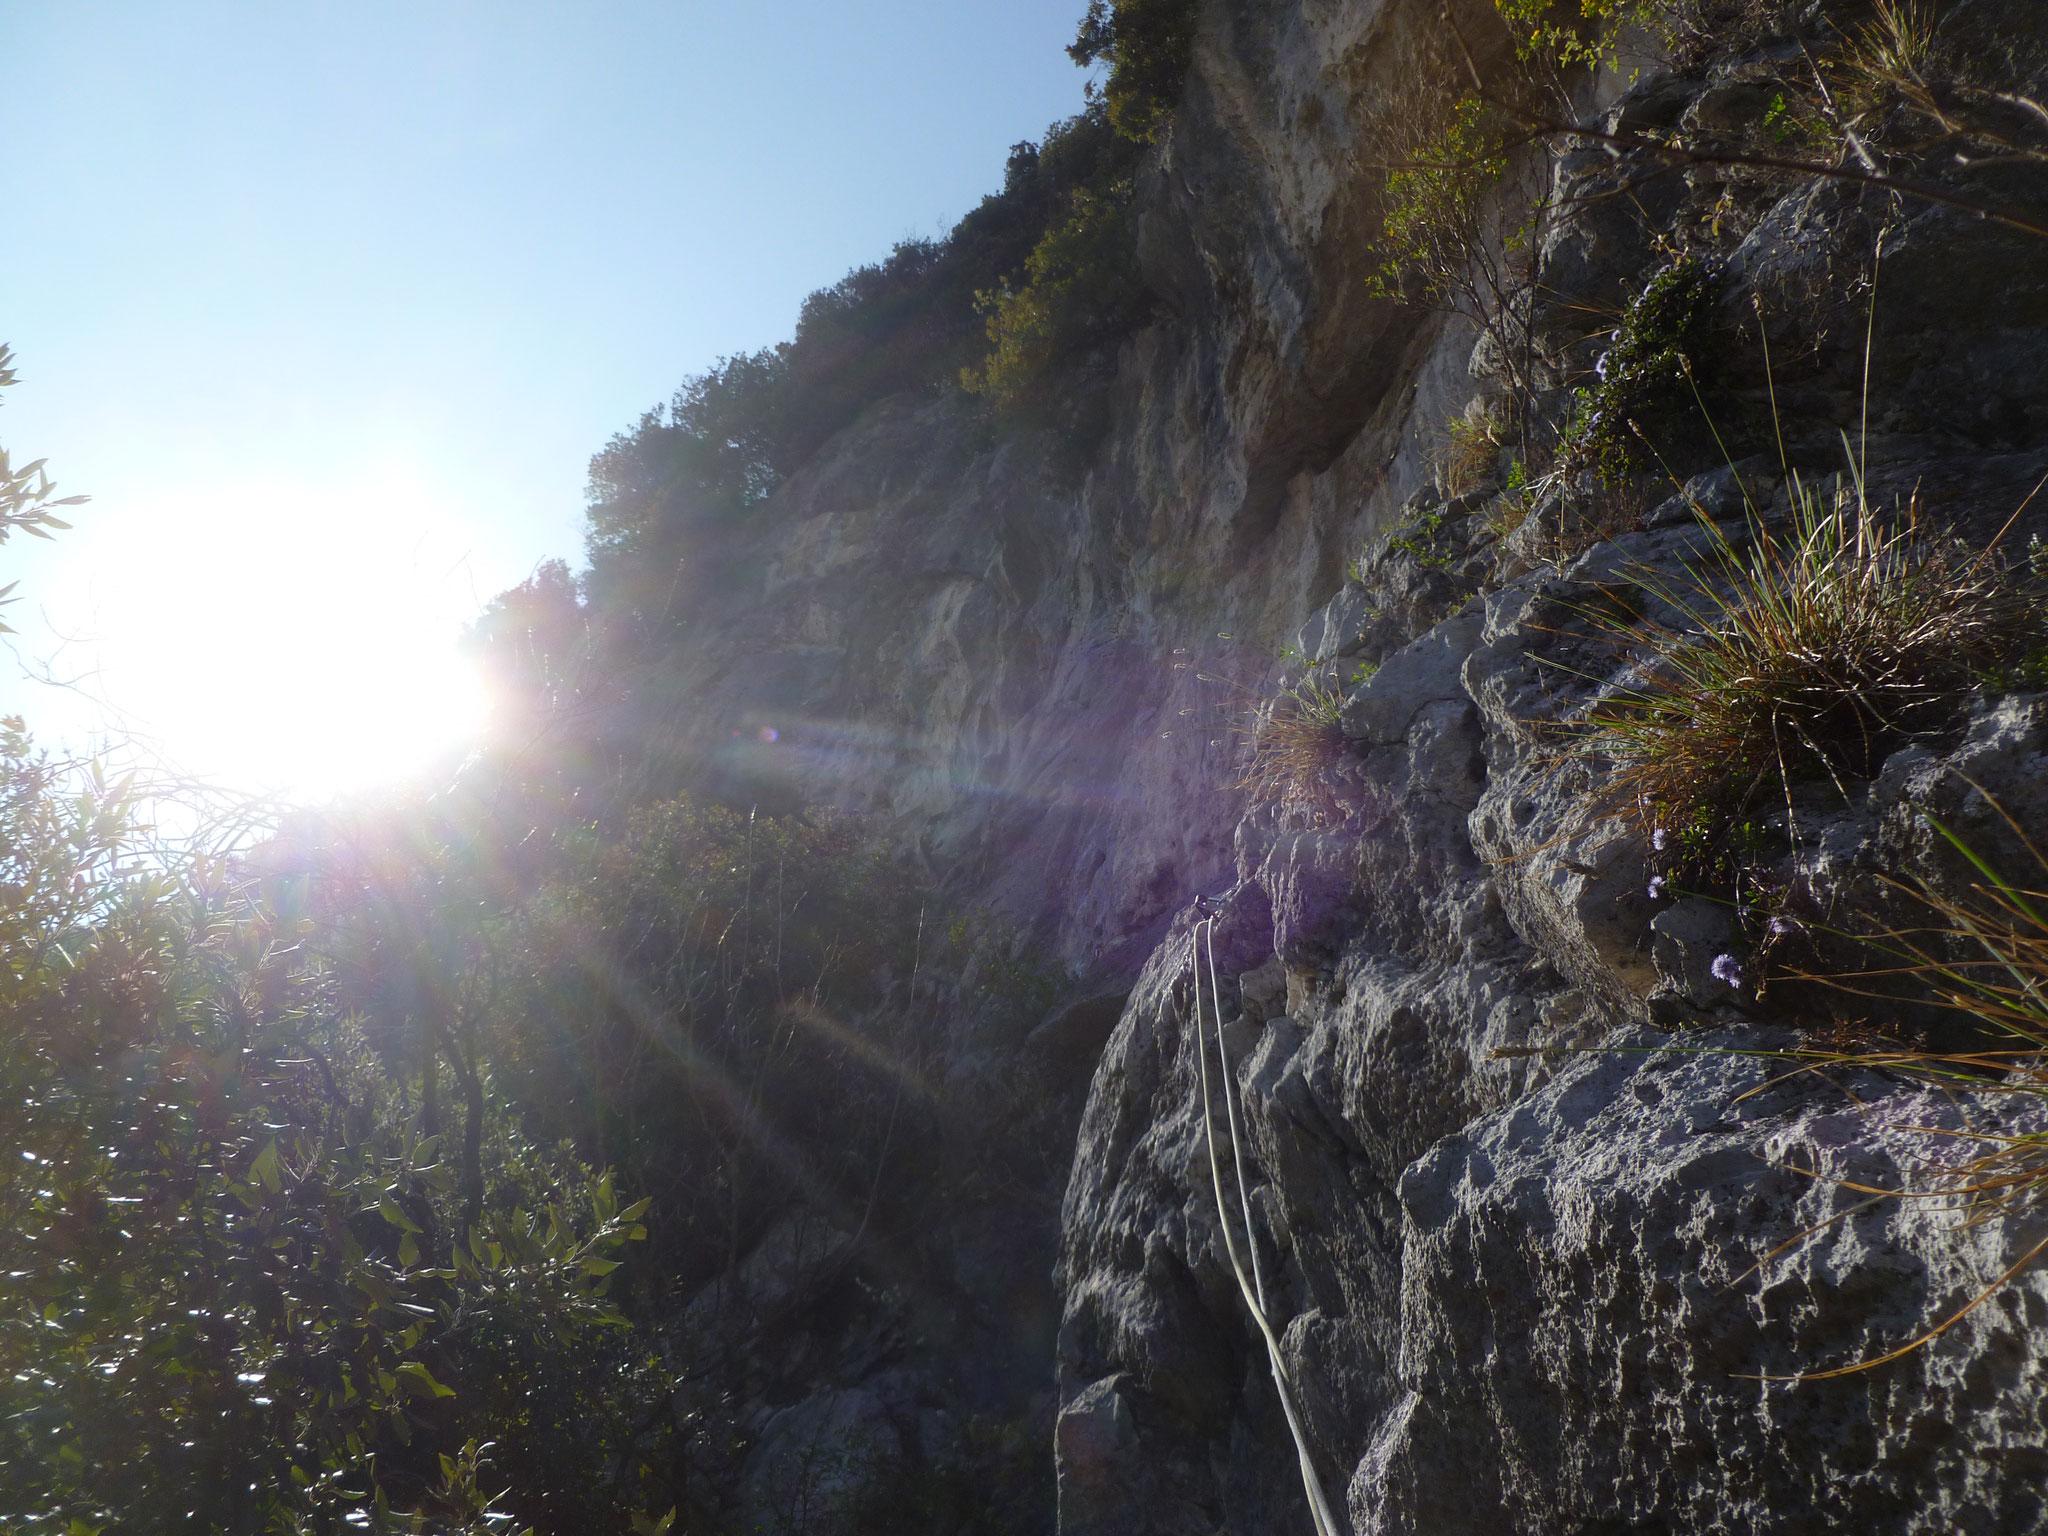 Hier trennen sich die Wege: schöner Quergang, weiter drüben startet der alpine Ausstieg